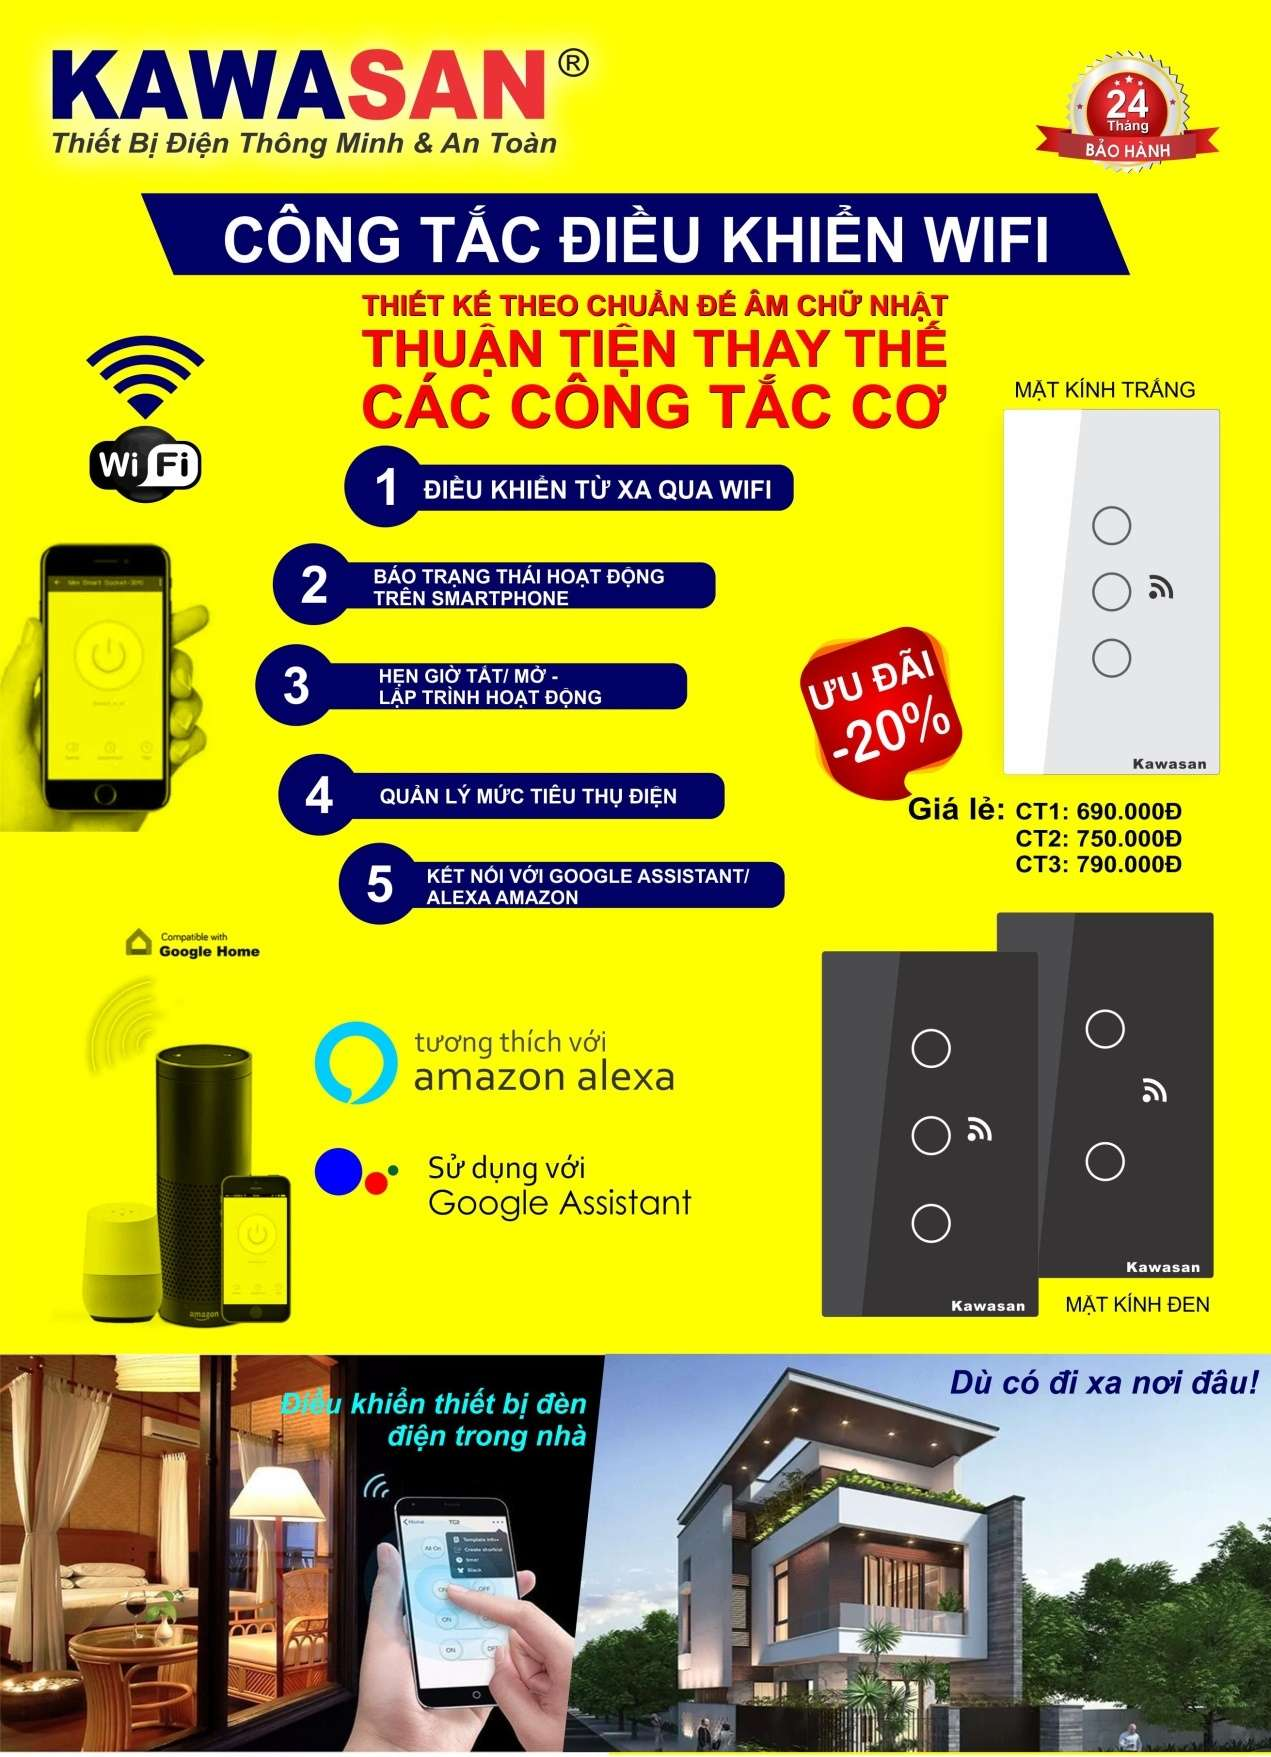 Công tắc cảm ứng chạm - điều khiển bằng wifi kawasan